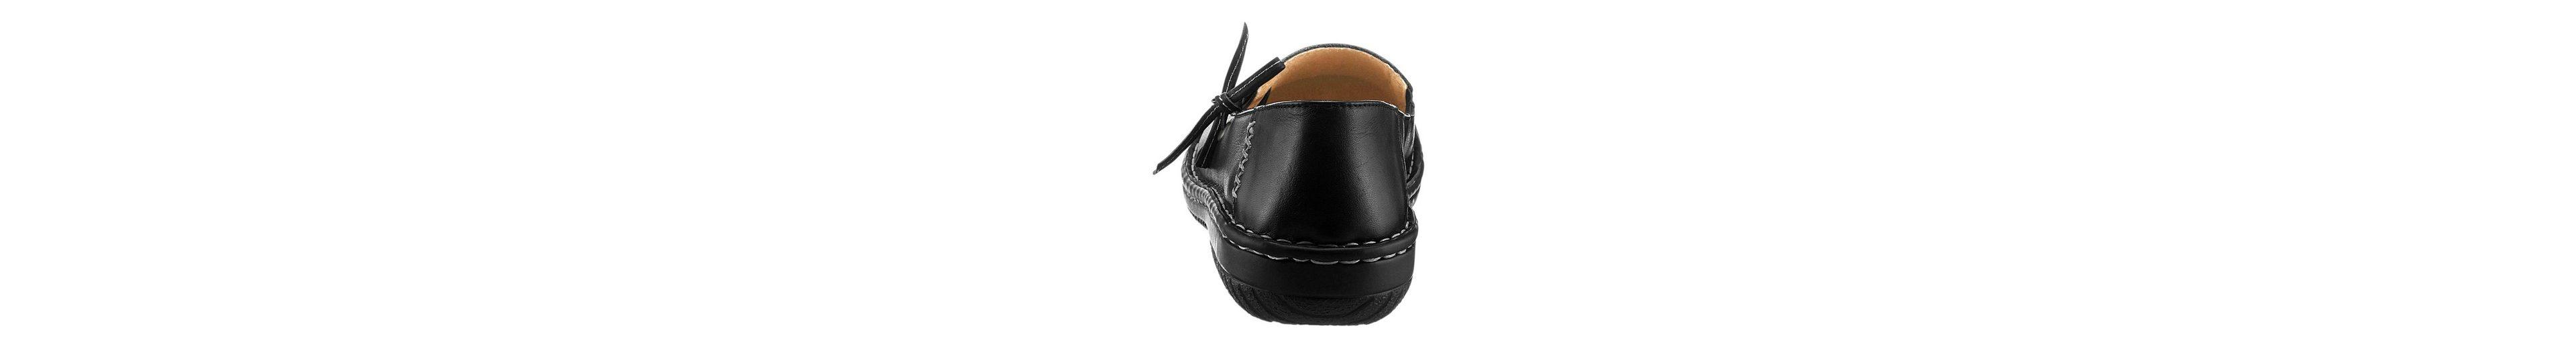 Sammlungen Günstig Online Spielraum Ansicht Airsoft Slipper mit Leder-Wechselfußbett 4WlLKPx